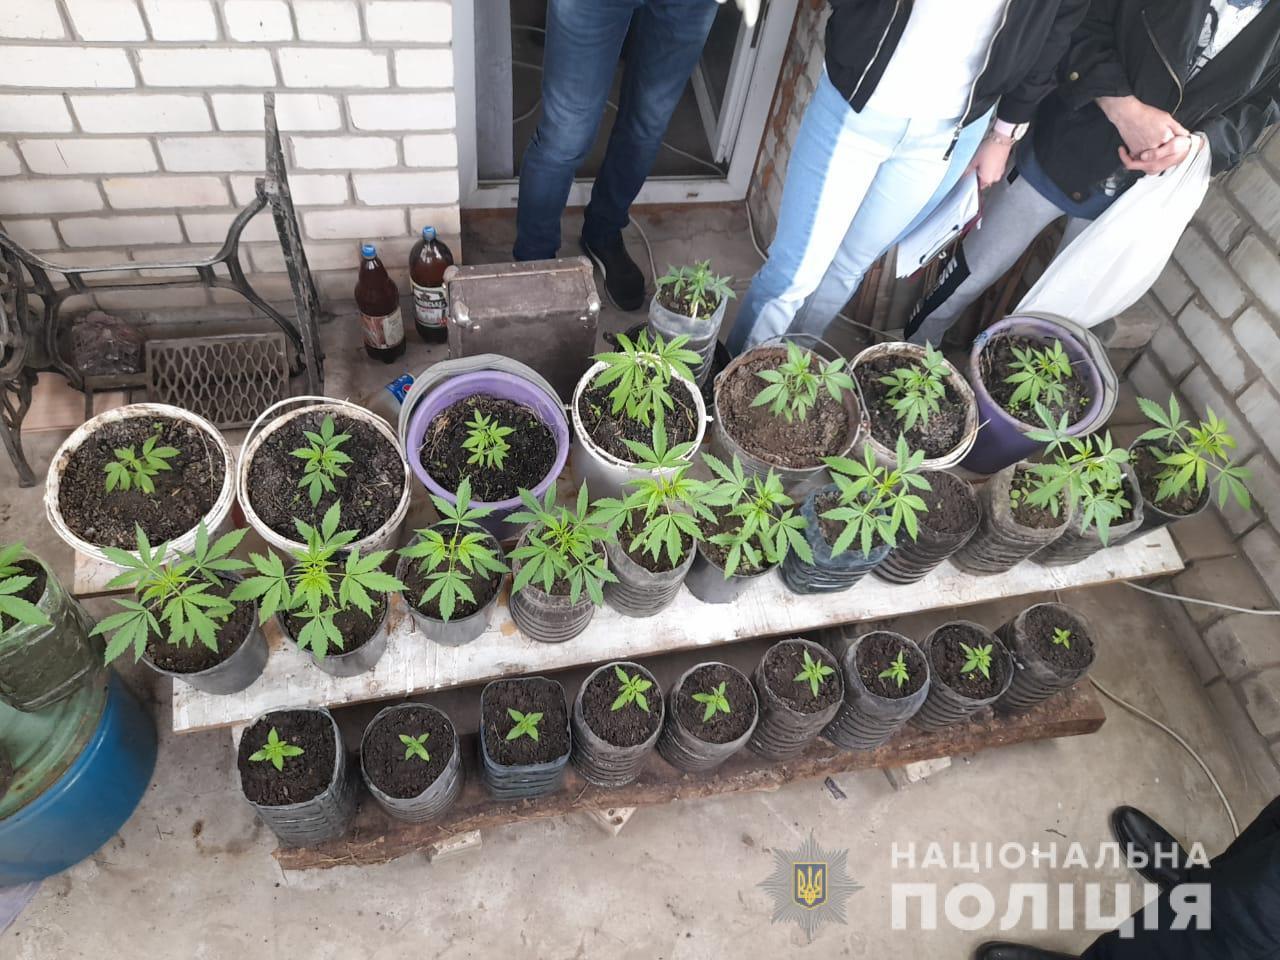 Полиция забрала у харьковчанина 50 горшков с коноплей (фото)